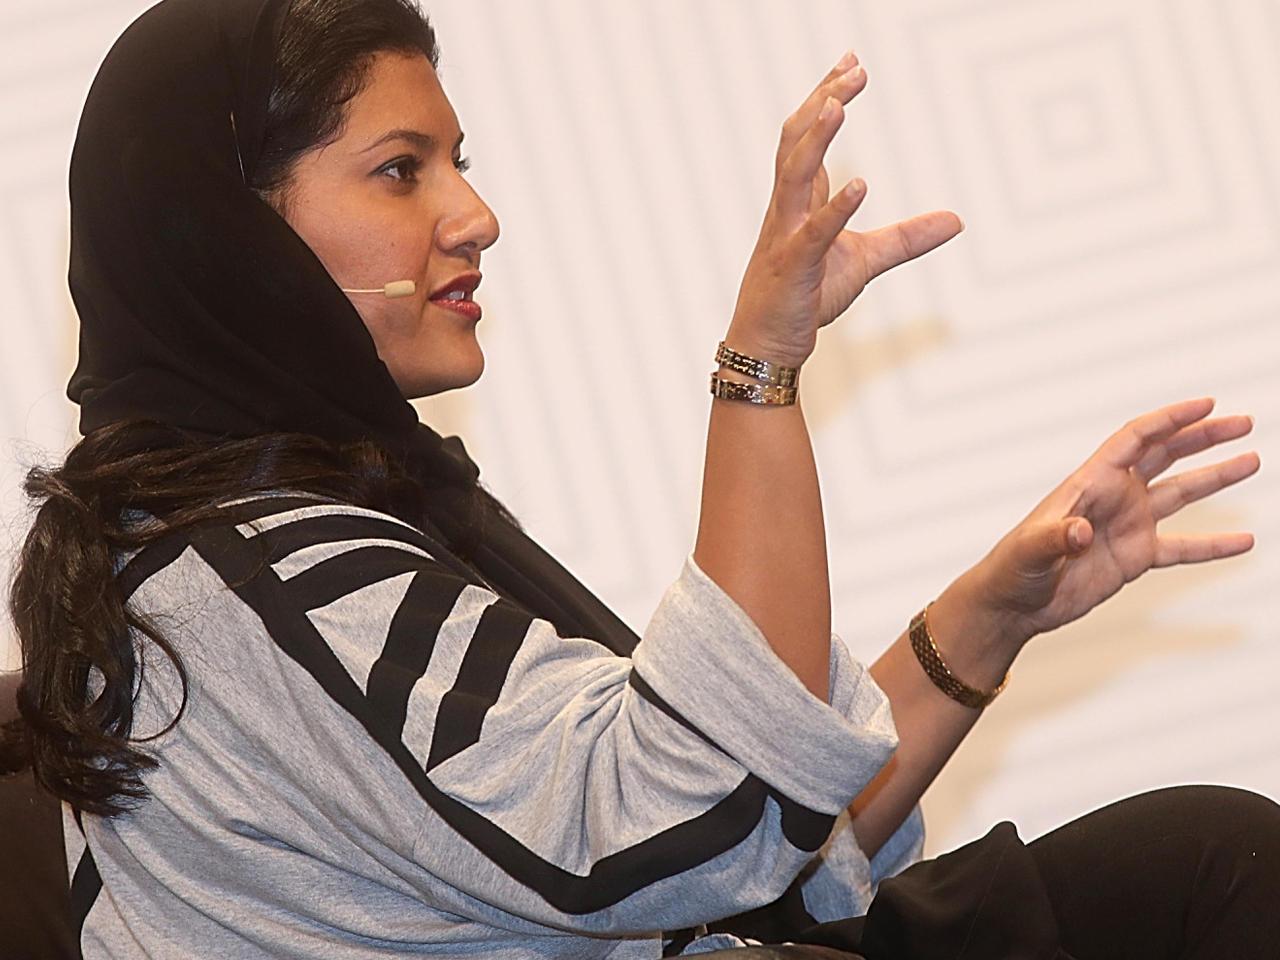 بالصور ريما بنت بندر بن سلطان , ما لم تعرفه عن الاميرة ريما بنت بندر 5065 1